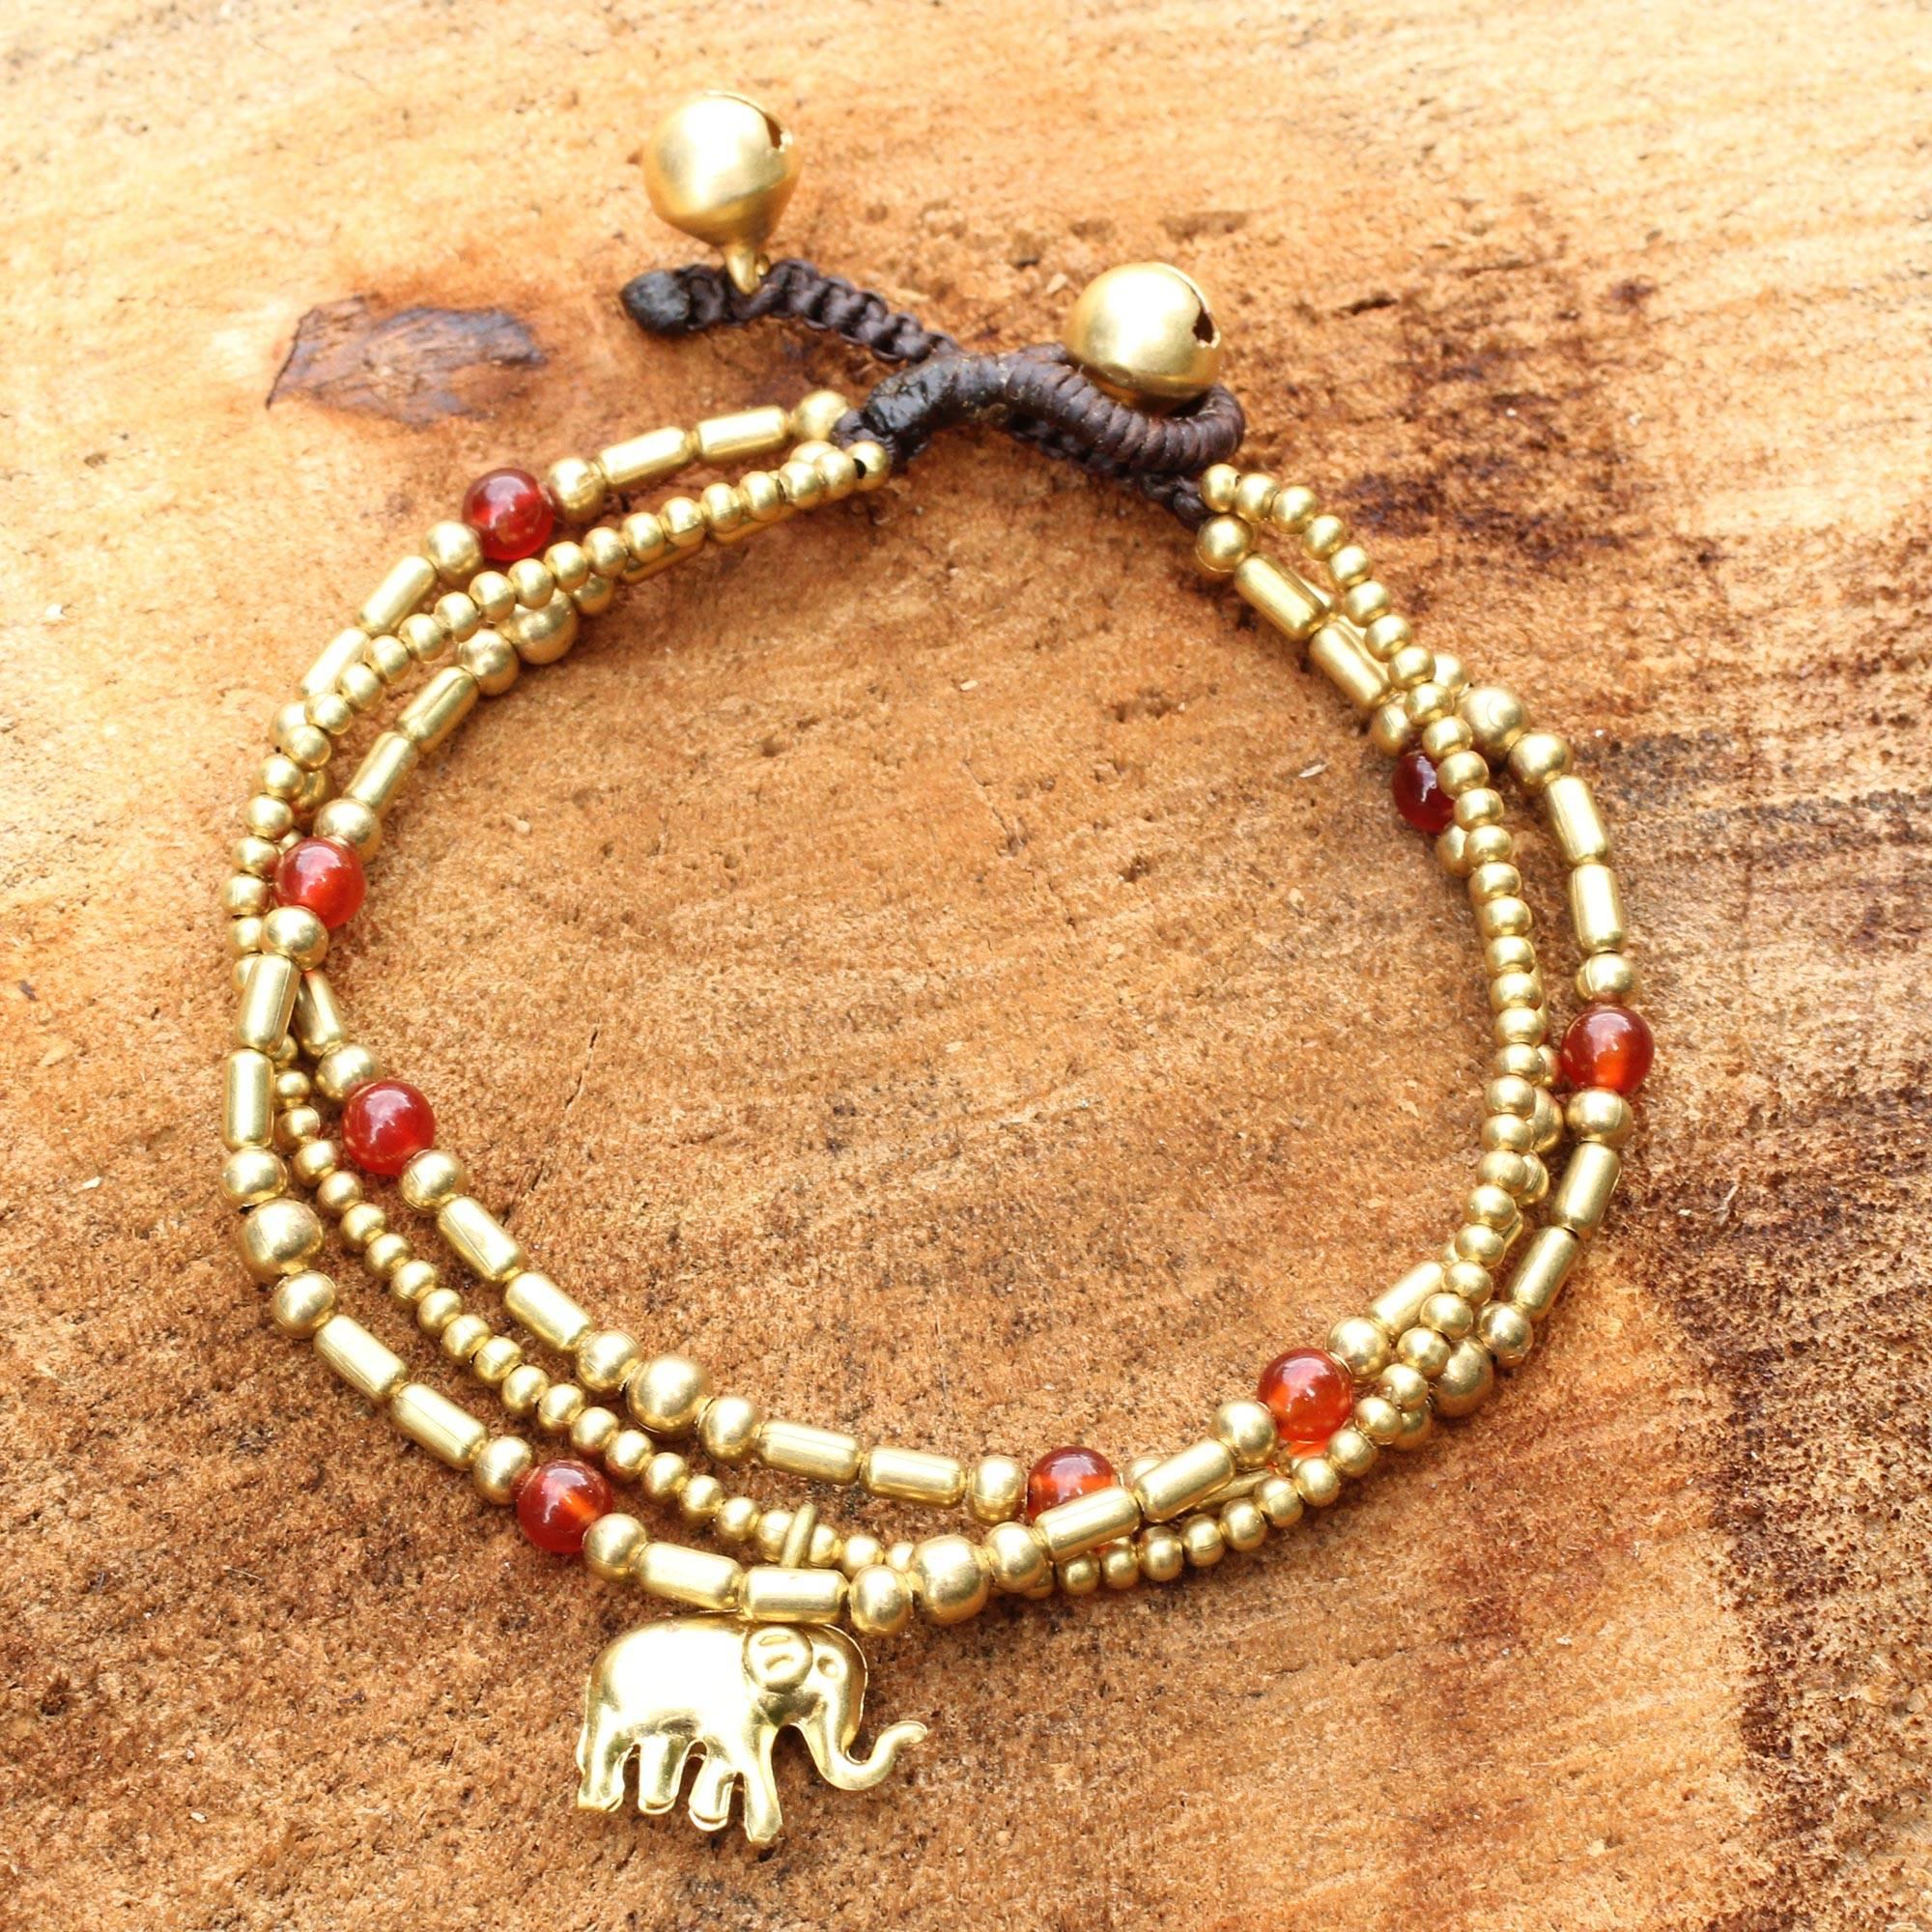 Christmas Décor Thai Elephant Charm Brass Bracelet Carnelian Gems Beaded Jewelry